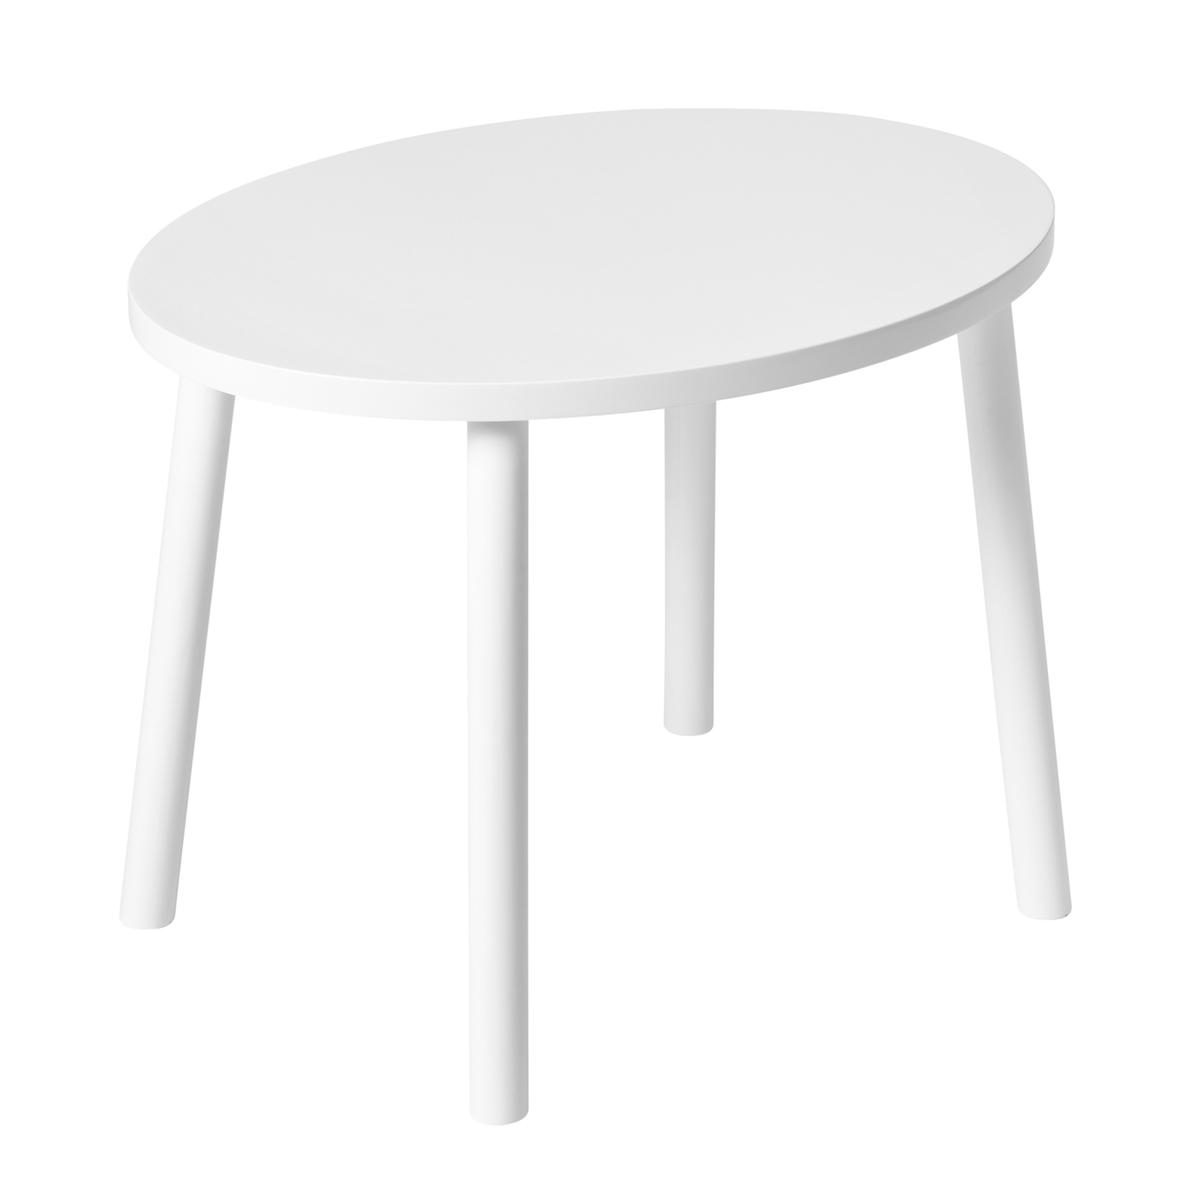 Nofred børnebord Mouse Table, hvid